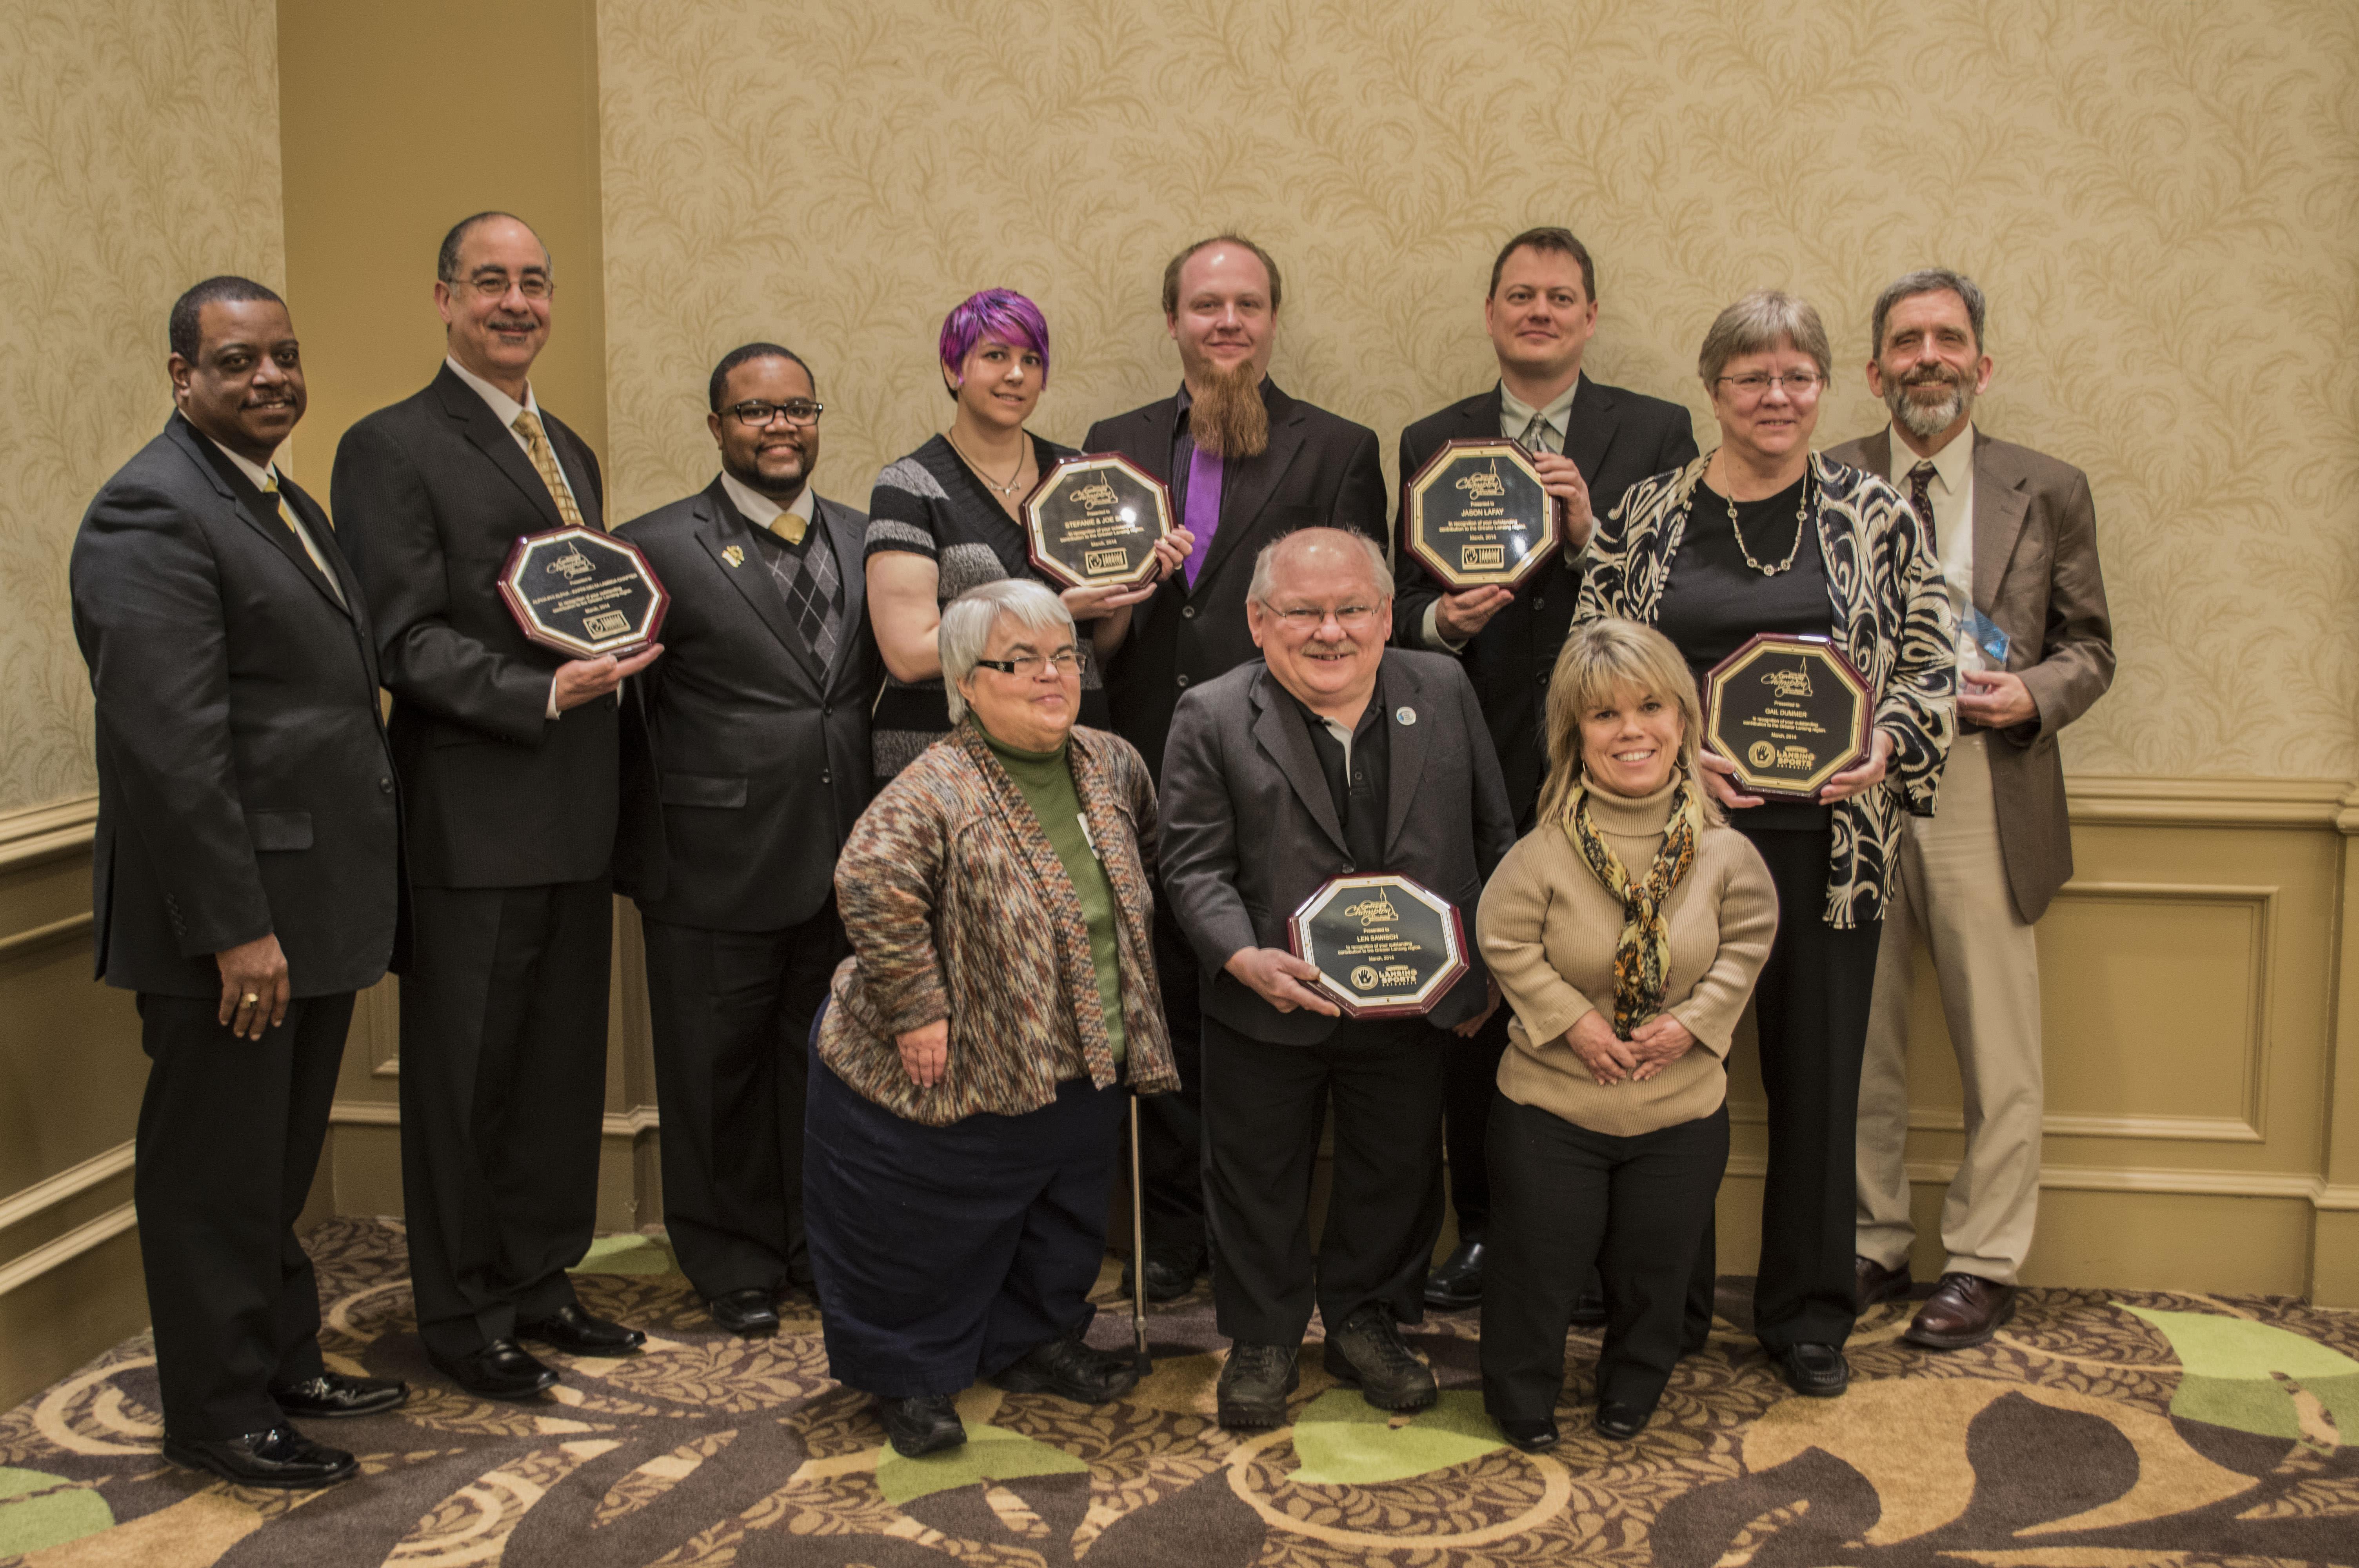 2013 GLCVB Community Champions